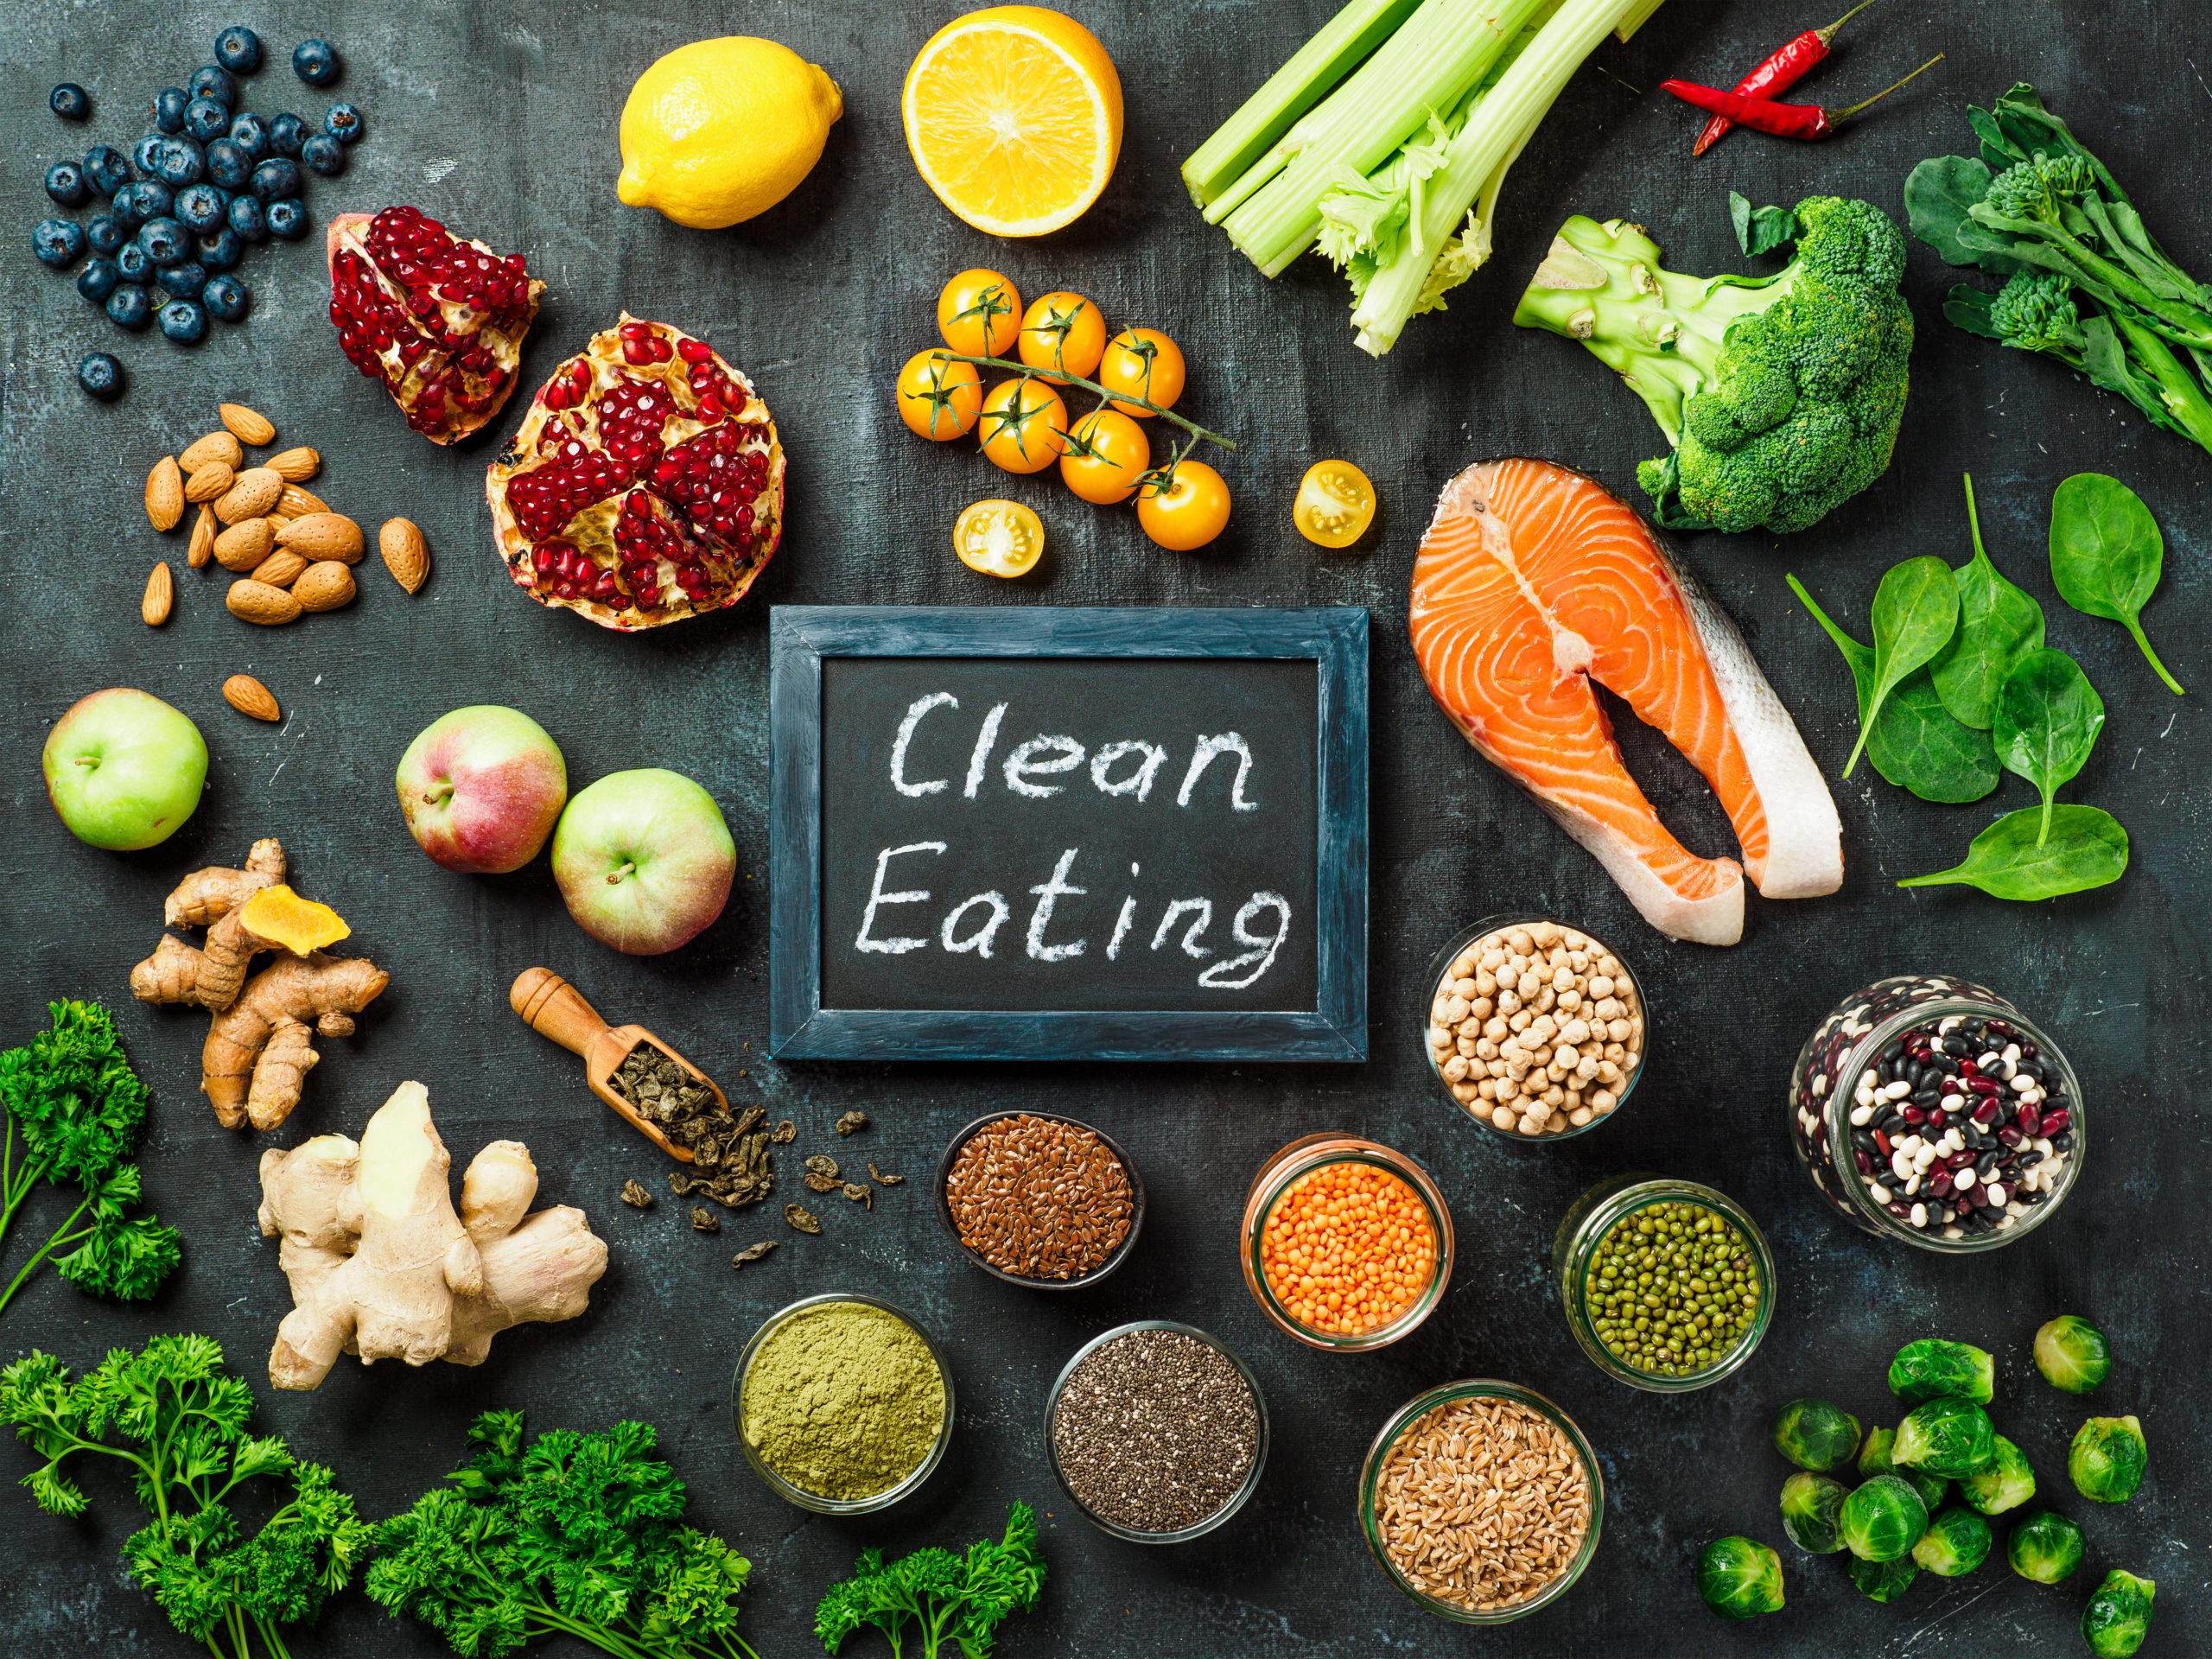 Konzept Clean Eating: Auswahl an Speisen und Zutaten umringen eine Tafel auf der mit Kreide Clean Eating steht